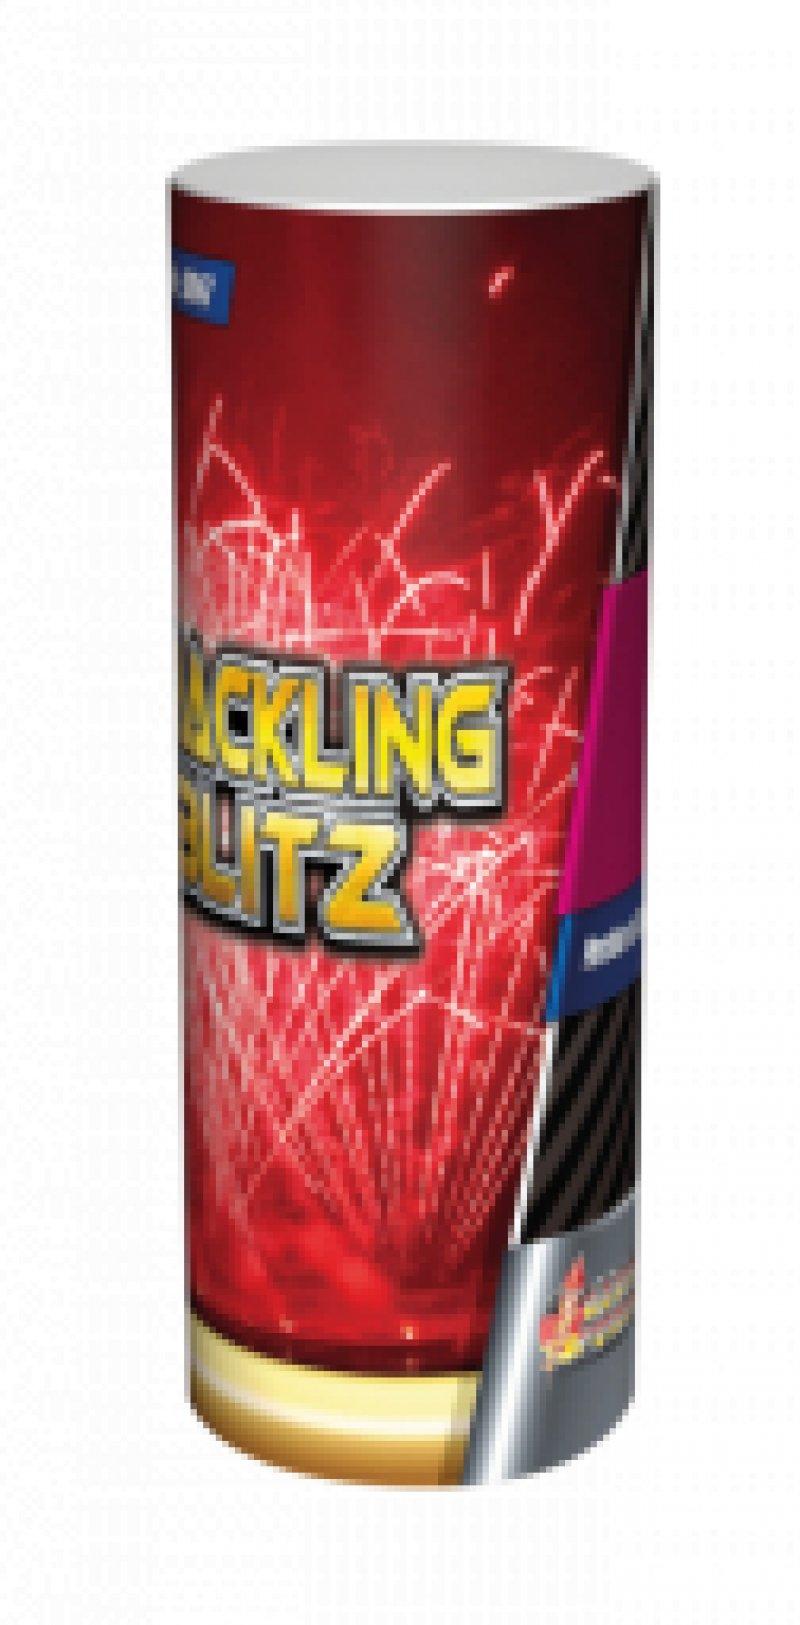 Crackling Blitz